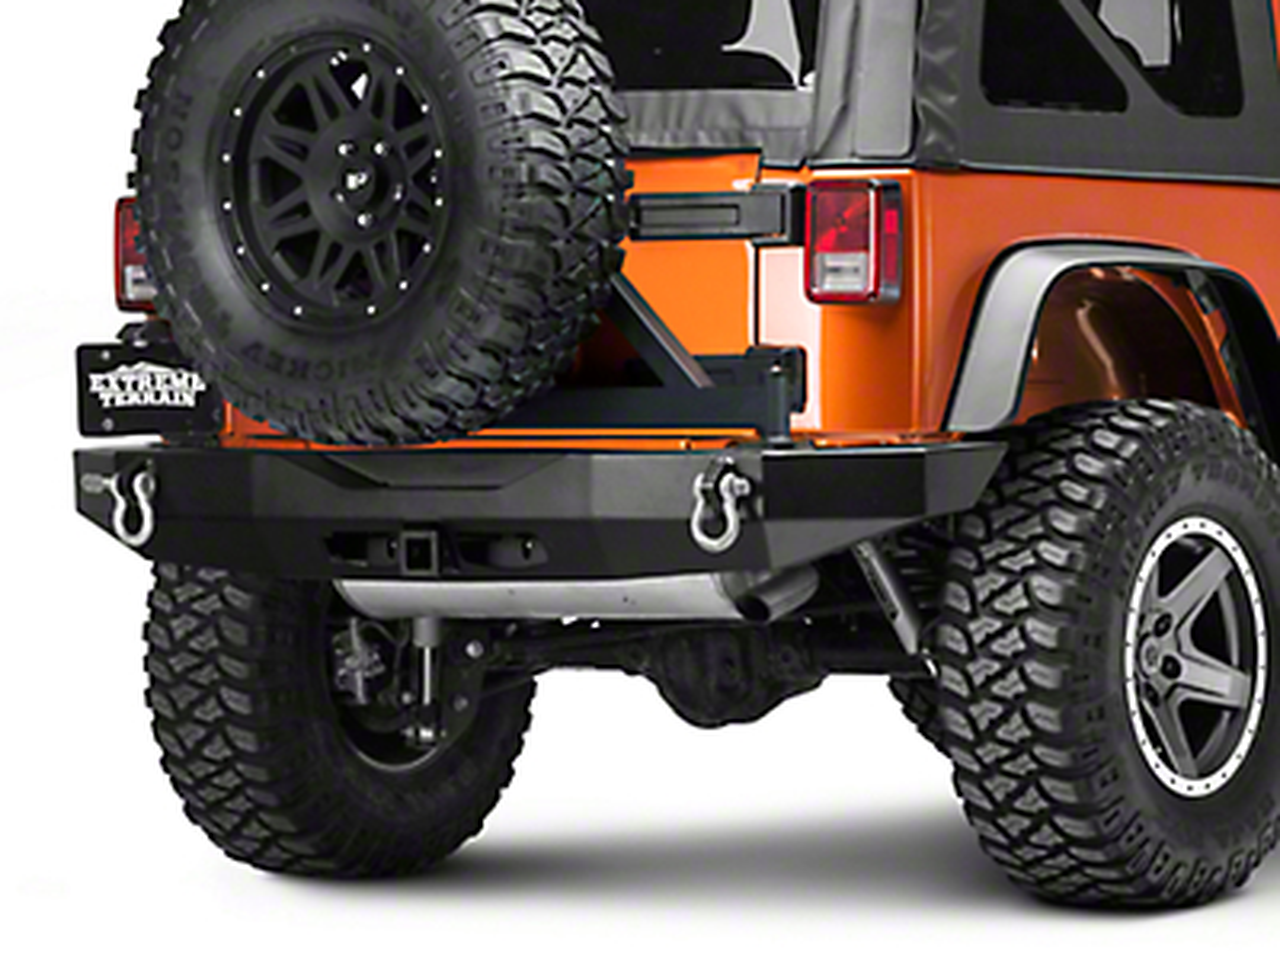 Rock-Slide Engineering Steel Rigid Rear Bumper w/o Tire Carrier (07-18 Wrangler JK)